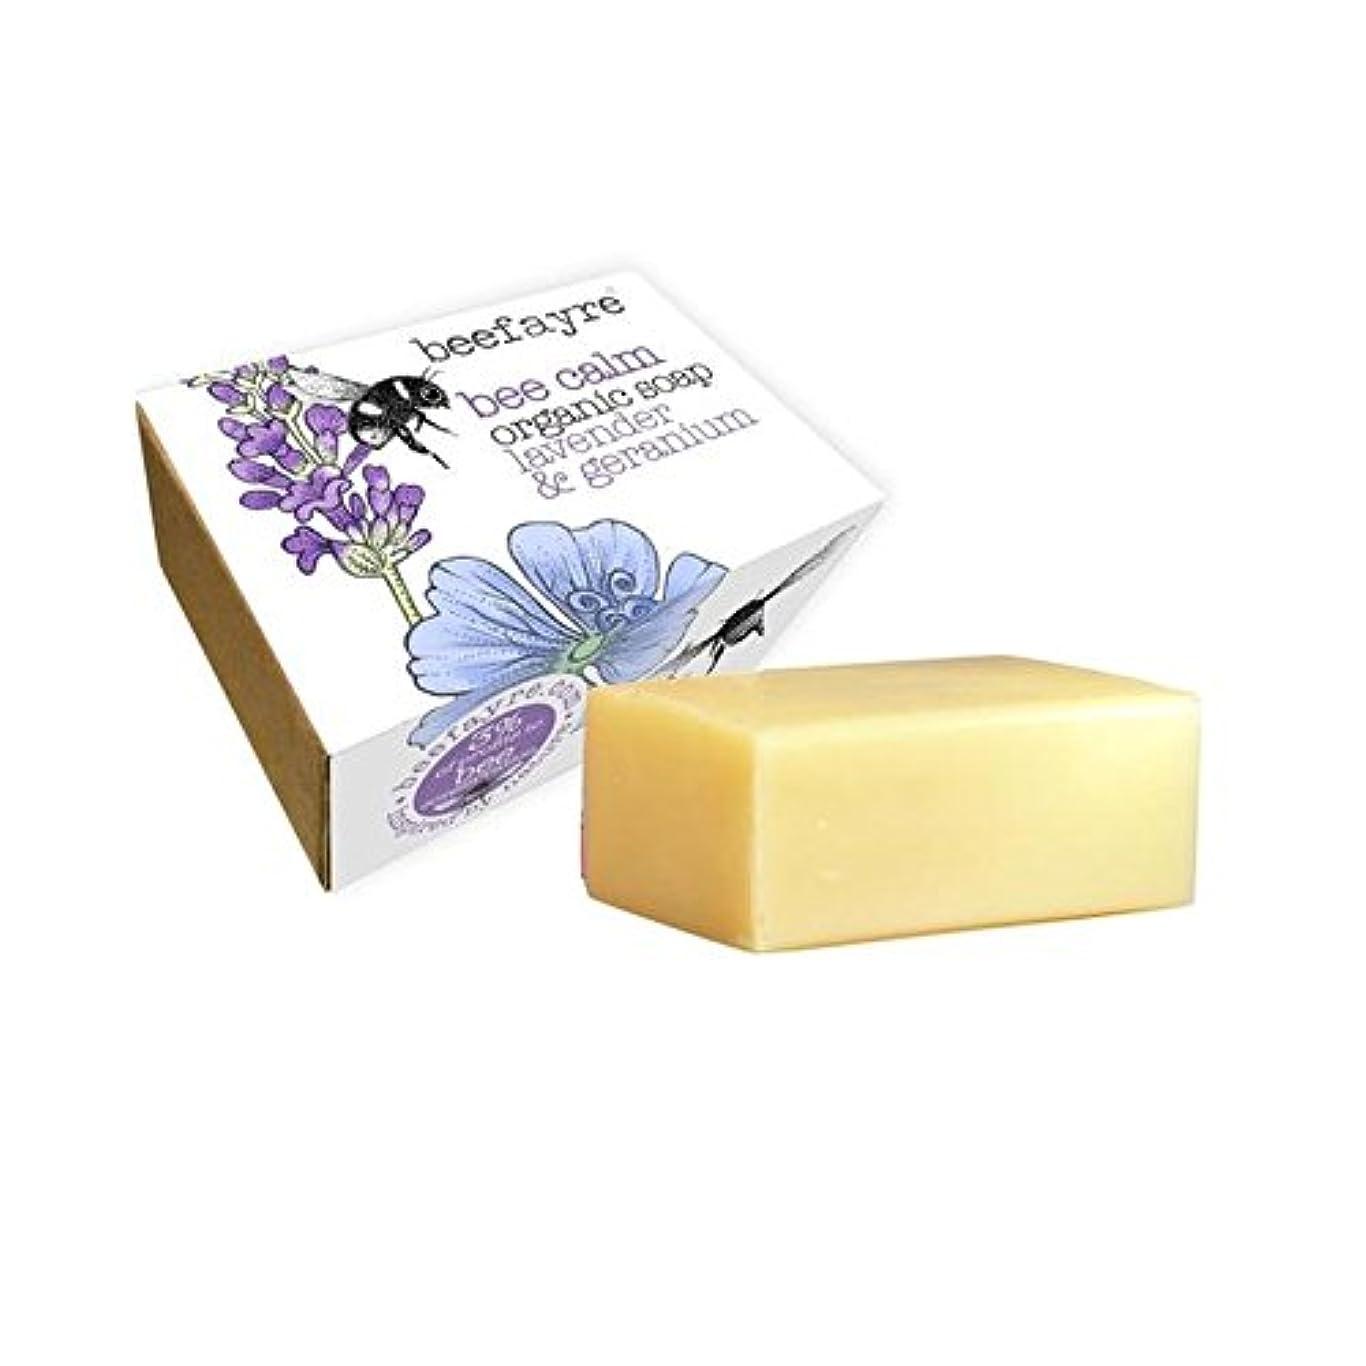 リーチチャネル有毒なBeefayre Organic Geranium & Lavender Soap - 有機ゼラニウム&ラベンダー石鹸 [並行輸入品]